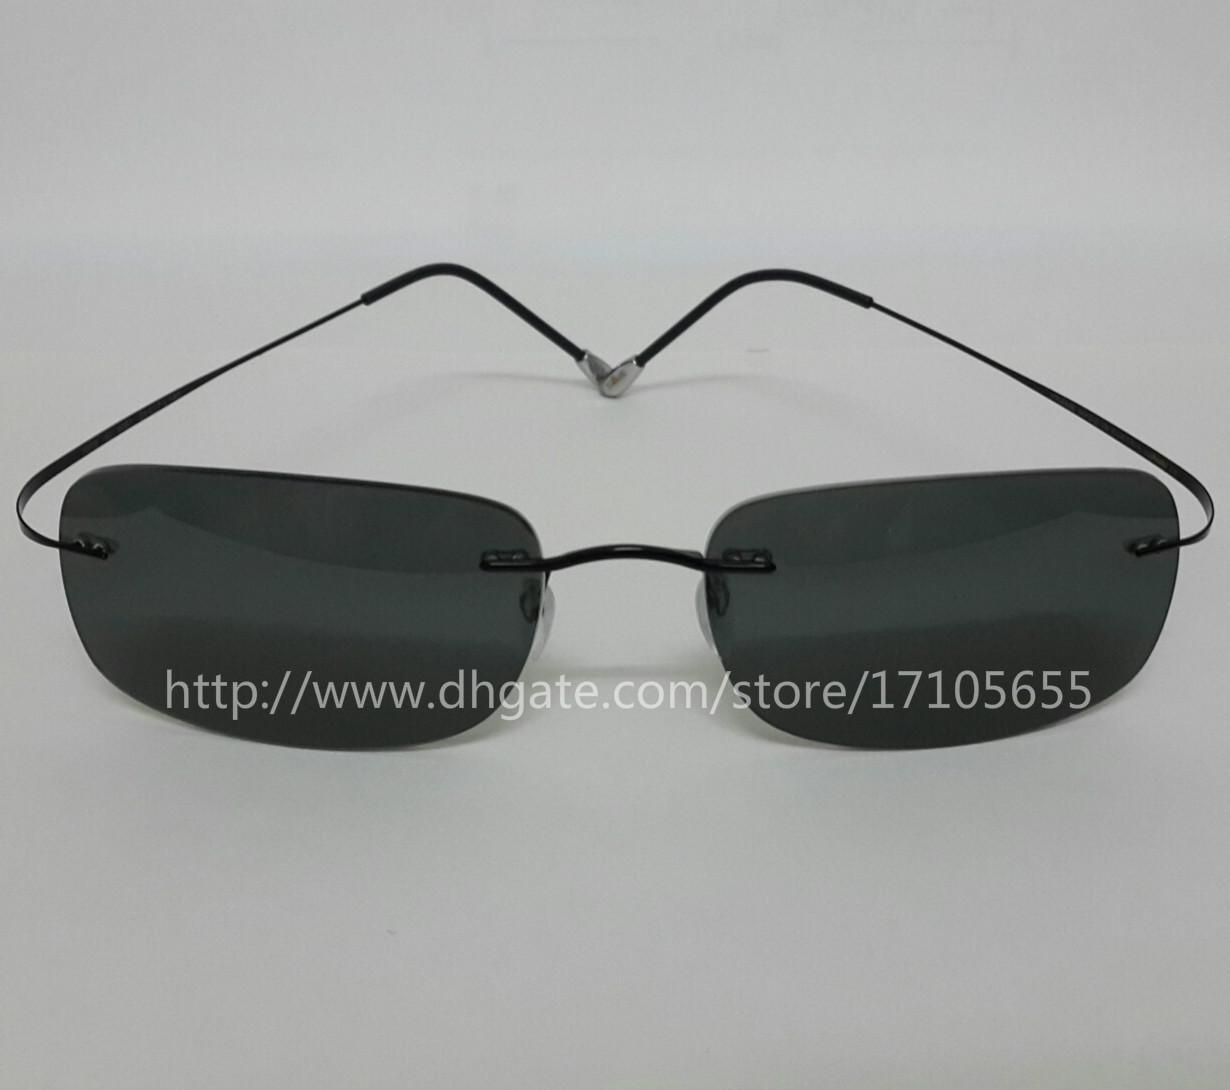 gro handel silhouette randlos polarisierte sonnenbrille. Black Bedroom Furniture Sets. Home Design Ideas